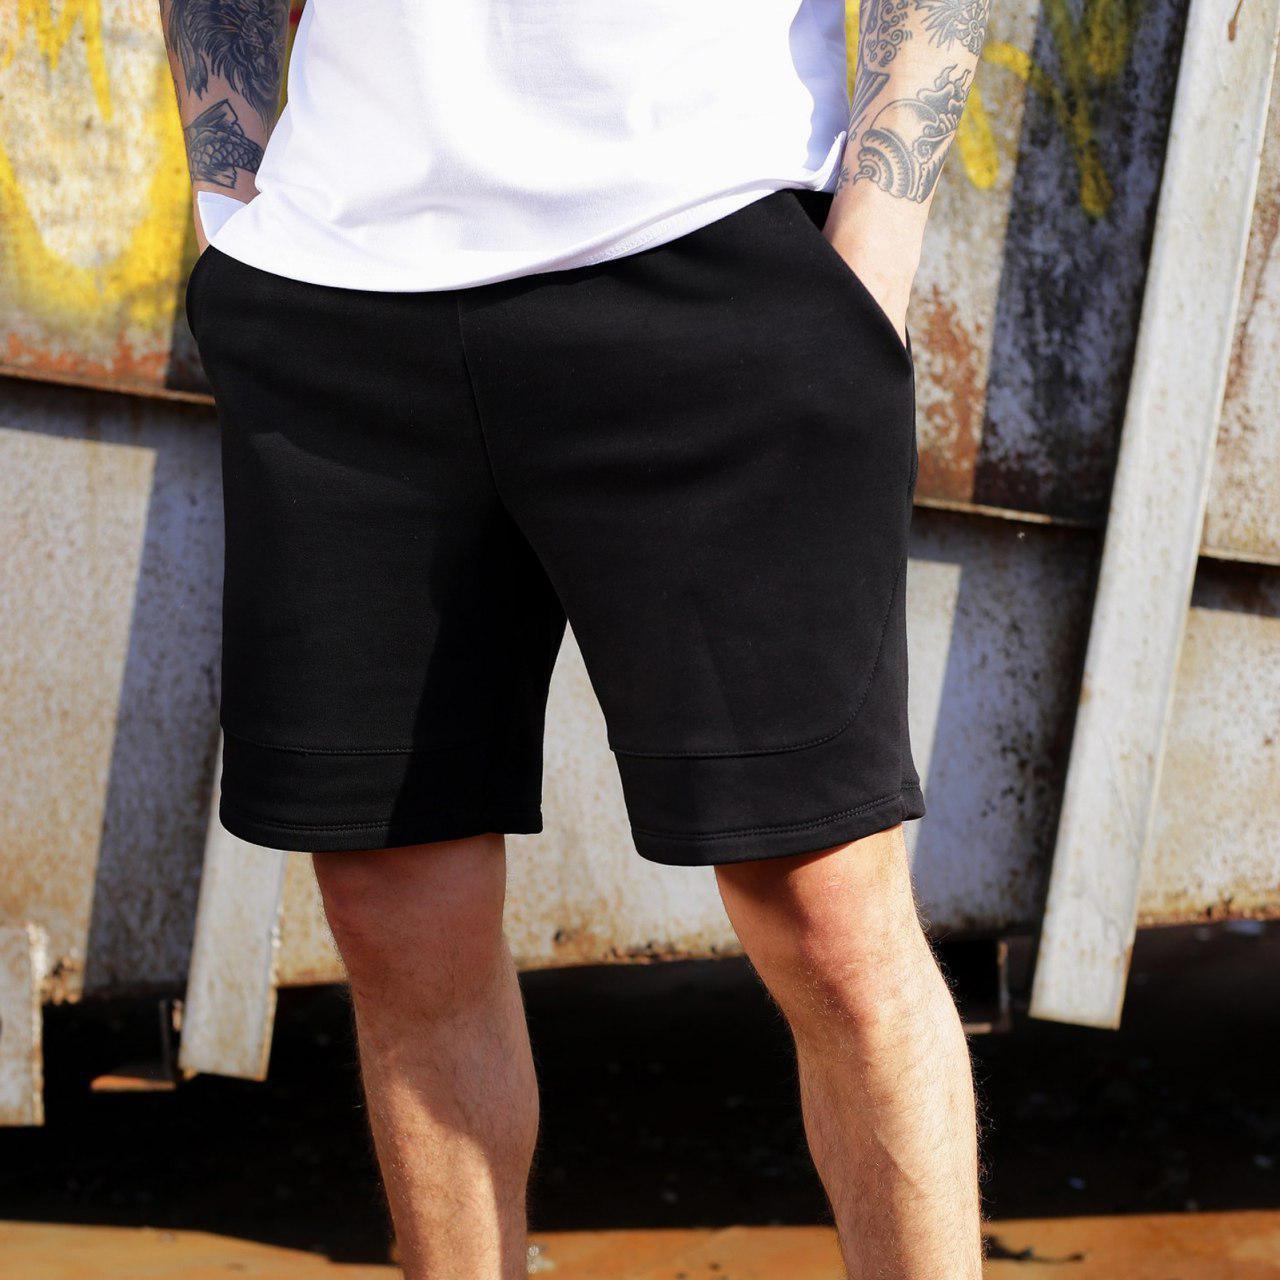 Спортивні чоловічі шорти чорного кольору бренд ТУР модель Сем (SAM) розмір S, M, L, XL,